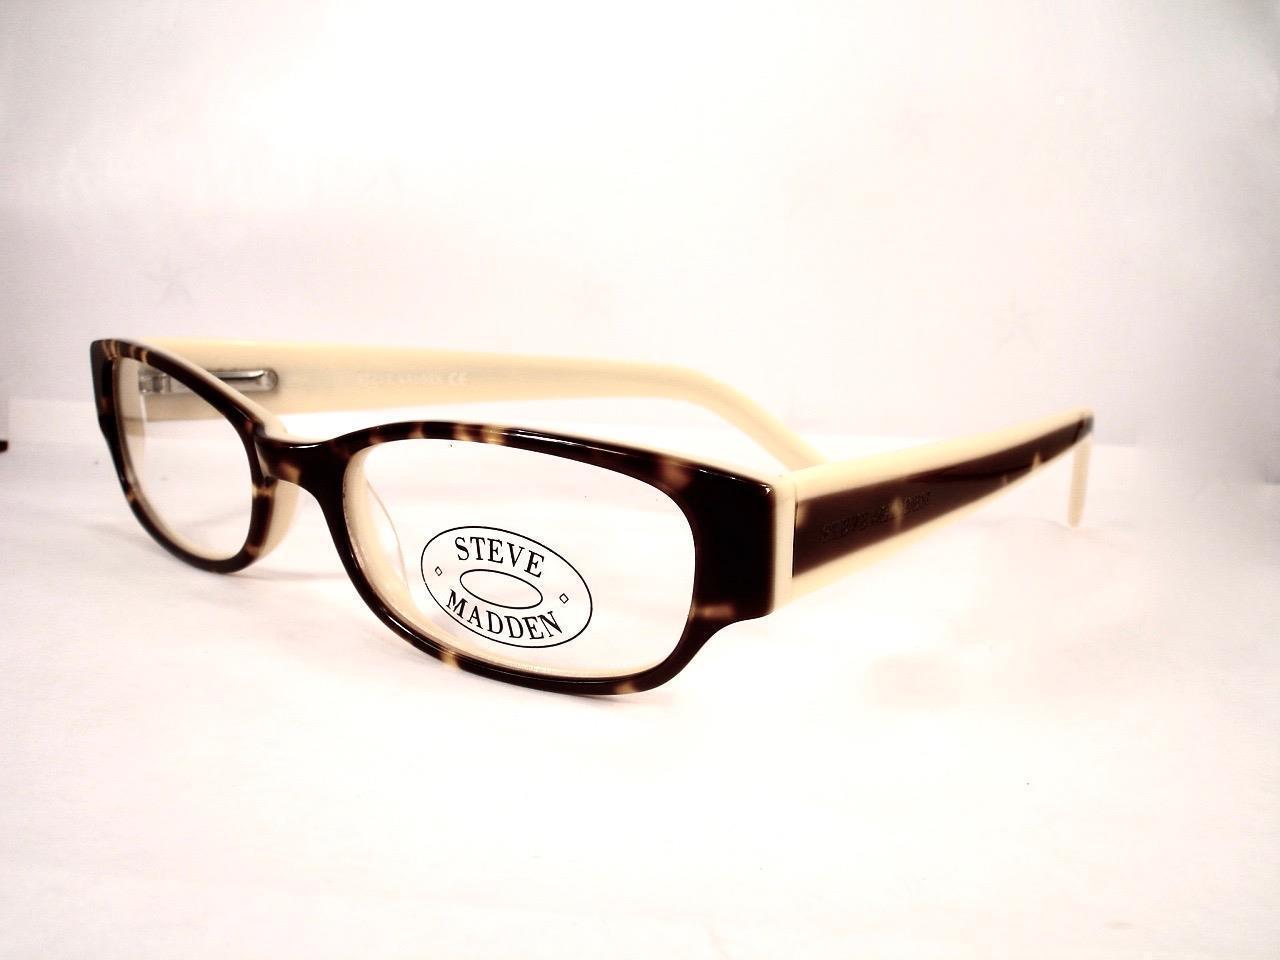 Steve Madden Eyeglasses P105 TSCR Women and similar items